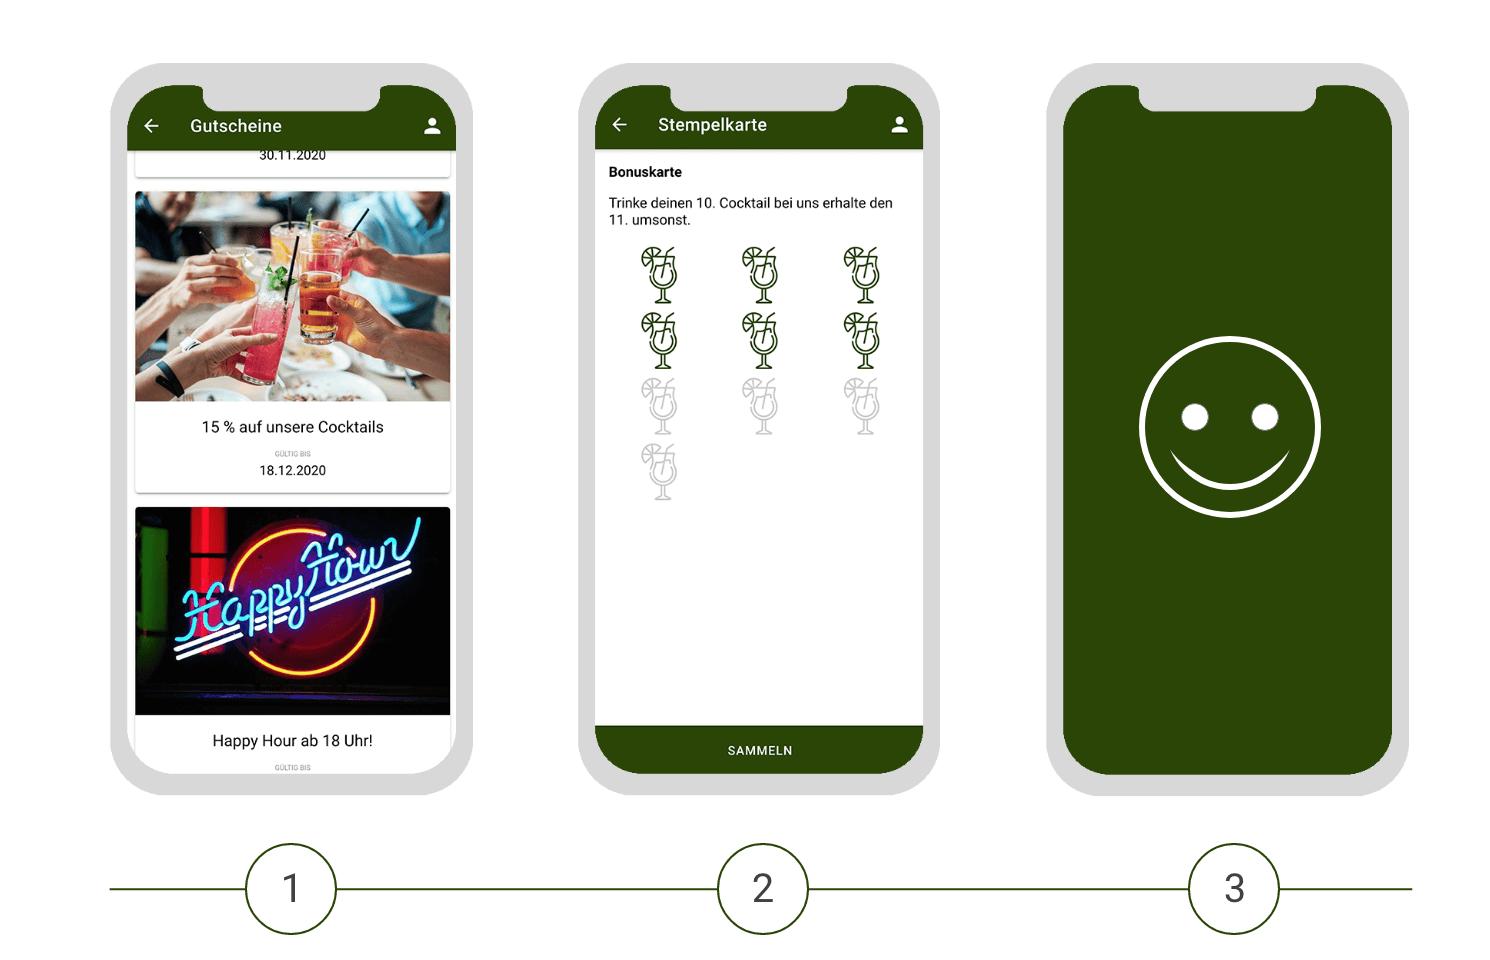 Digitale Gutscheine in Verbindung mit der Stempelkarte für mehr Kundenbindung